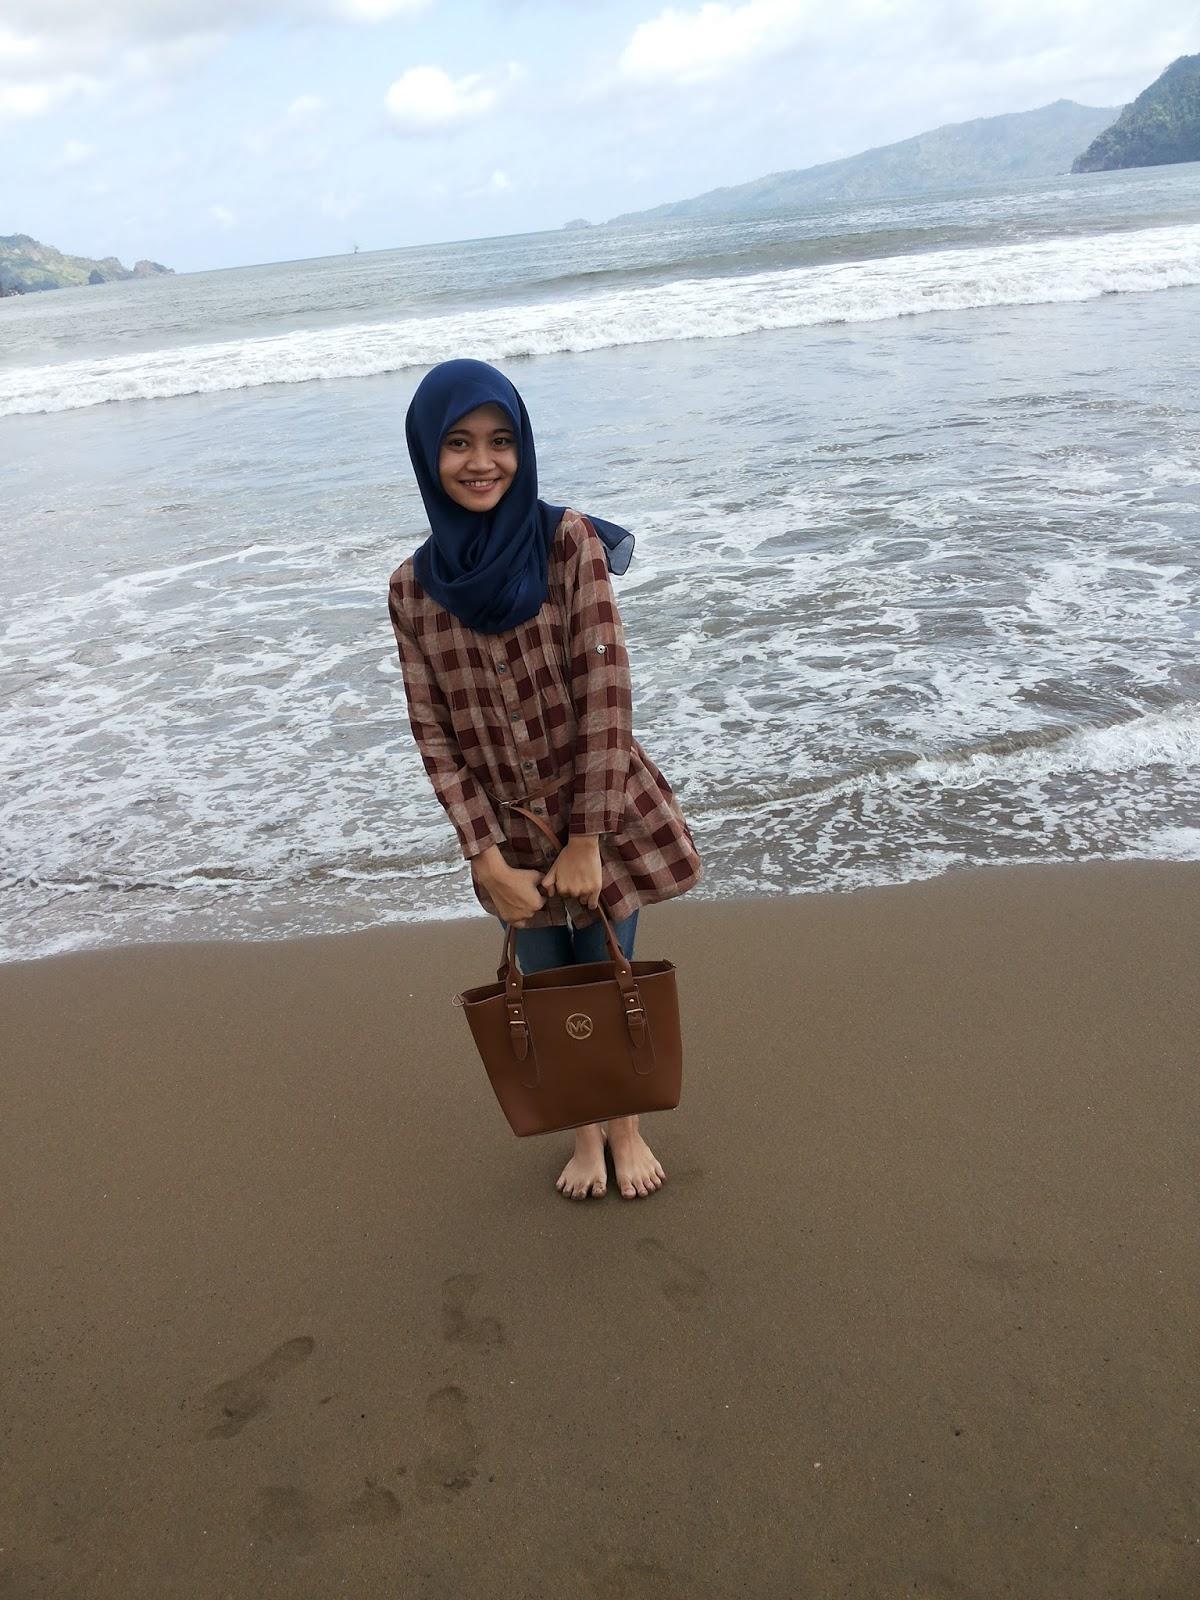 Pantai Prigi Rayi Agustina Salah Satu Pasir Putih Kabupaten Trenggalek